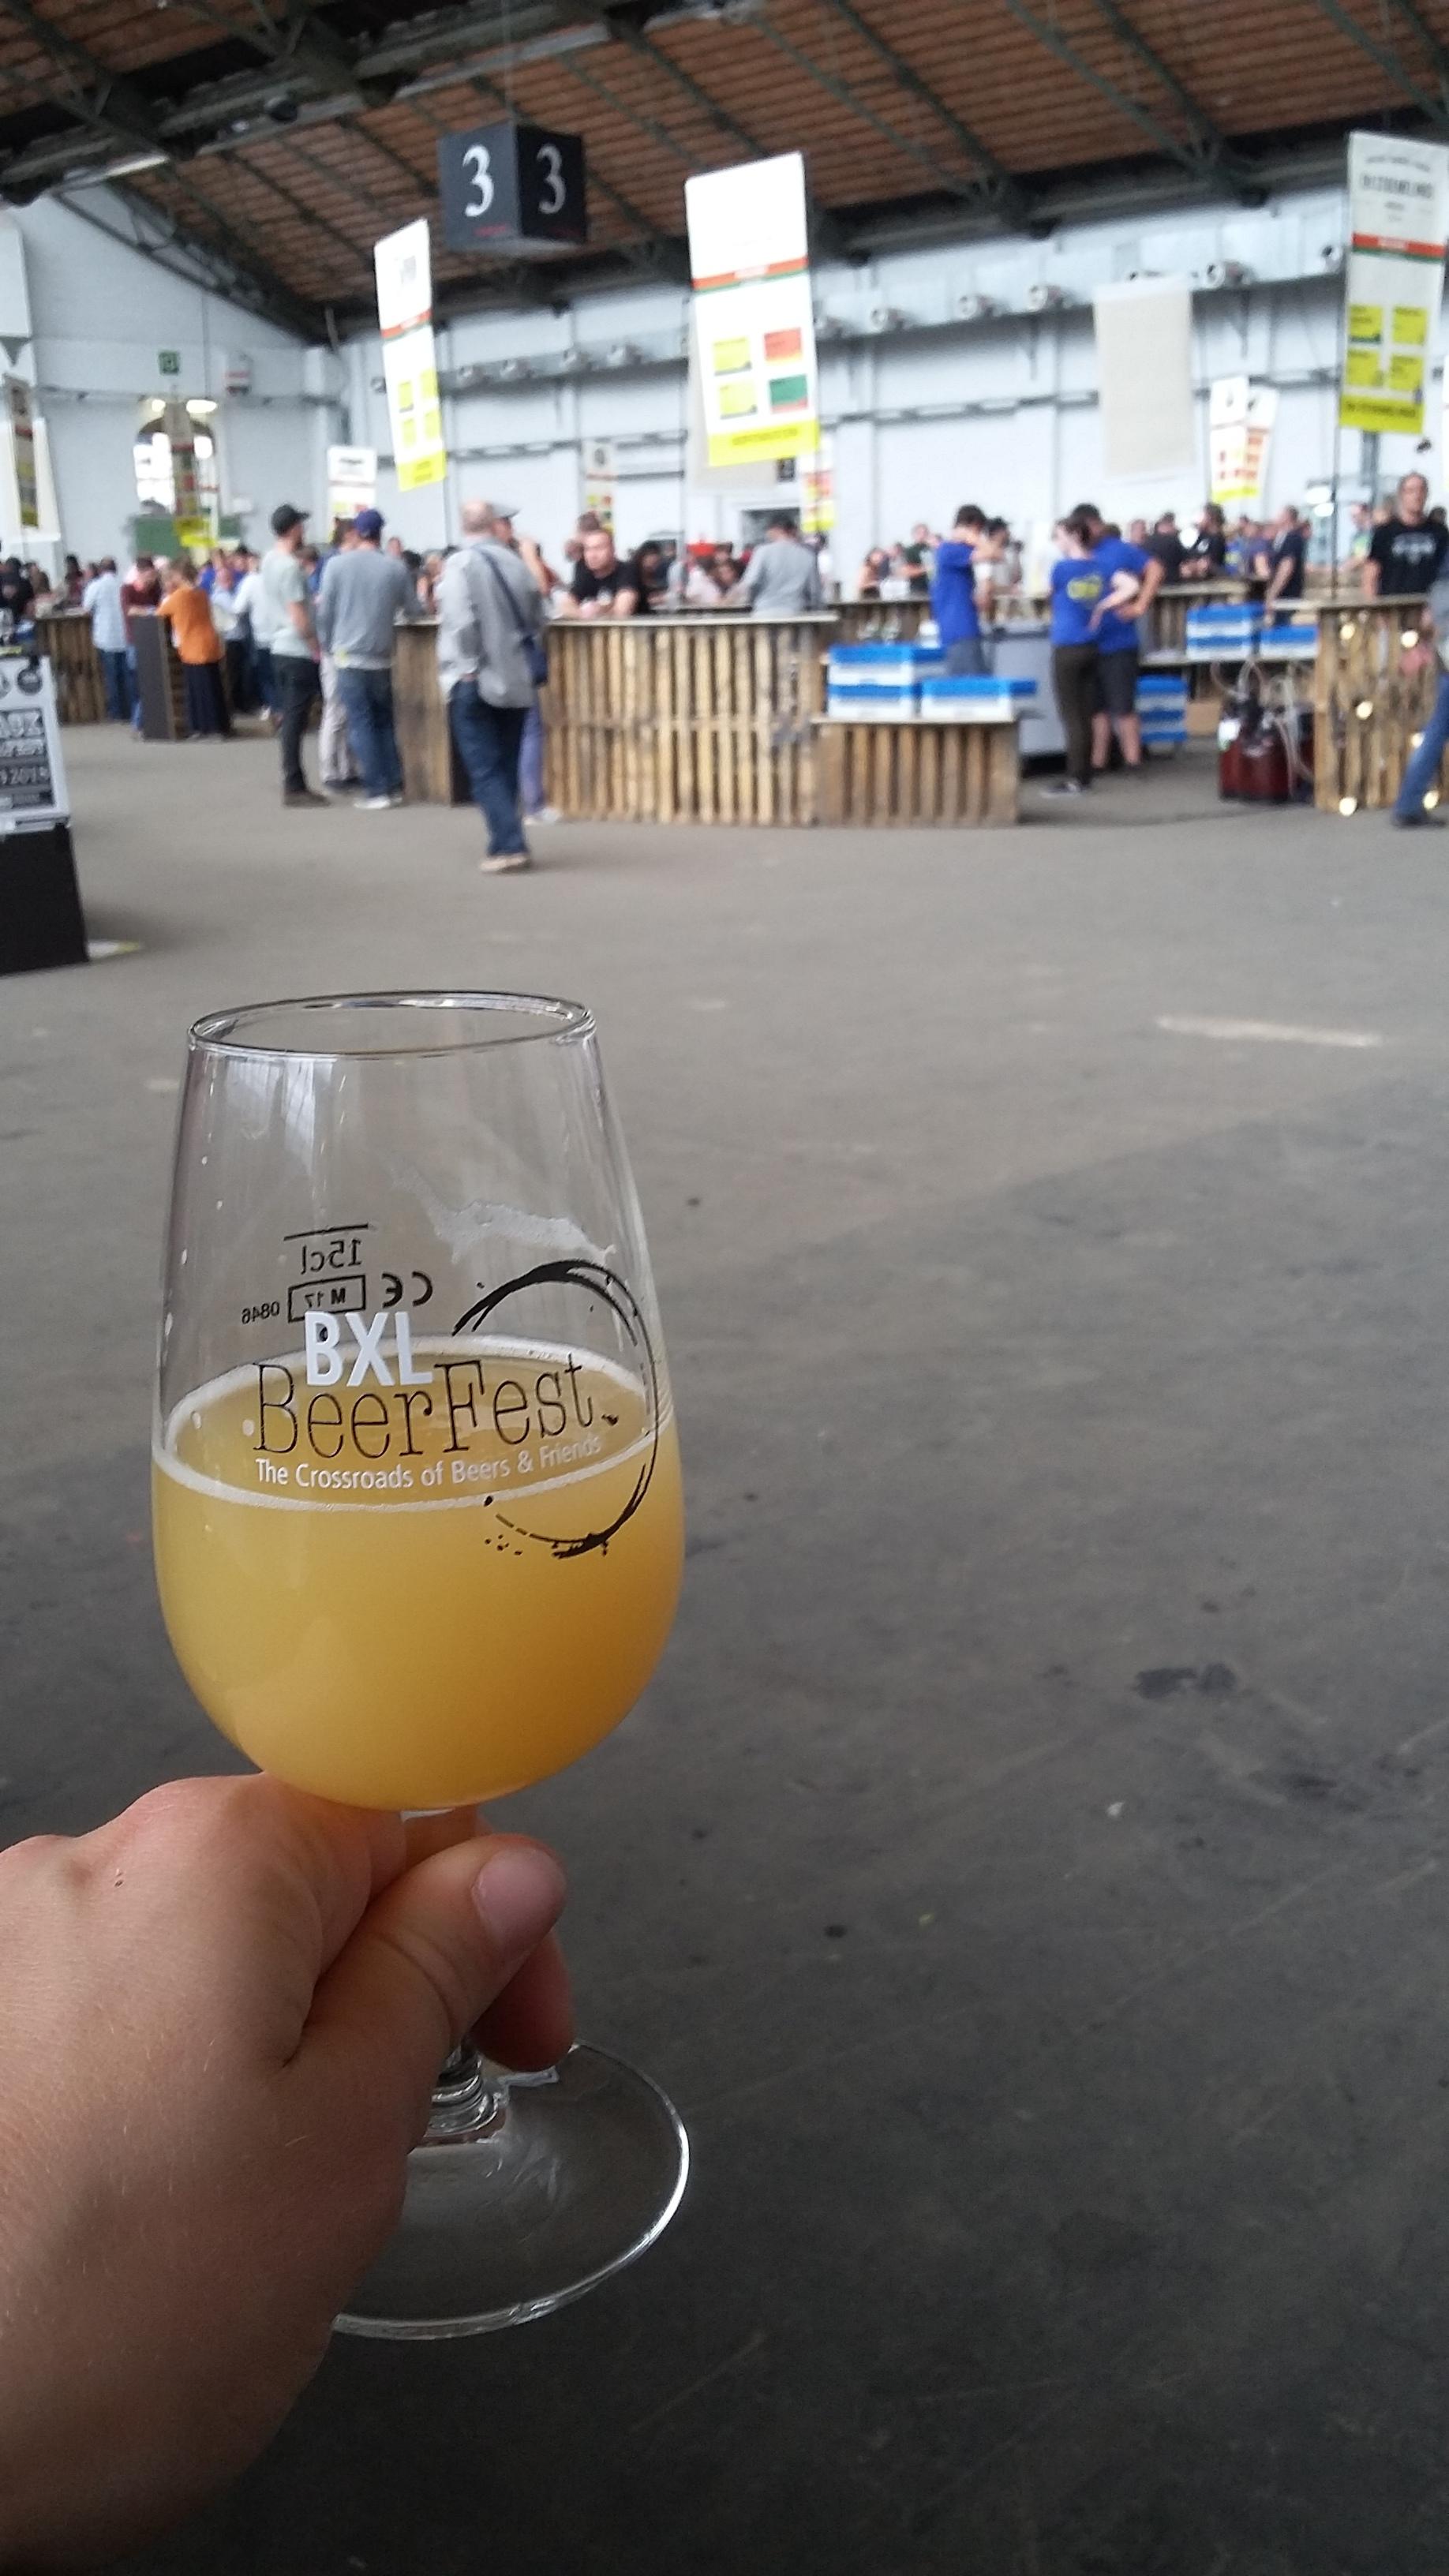 Beer fest in Brussels